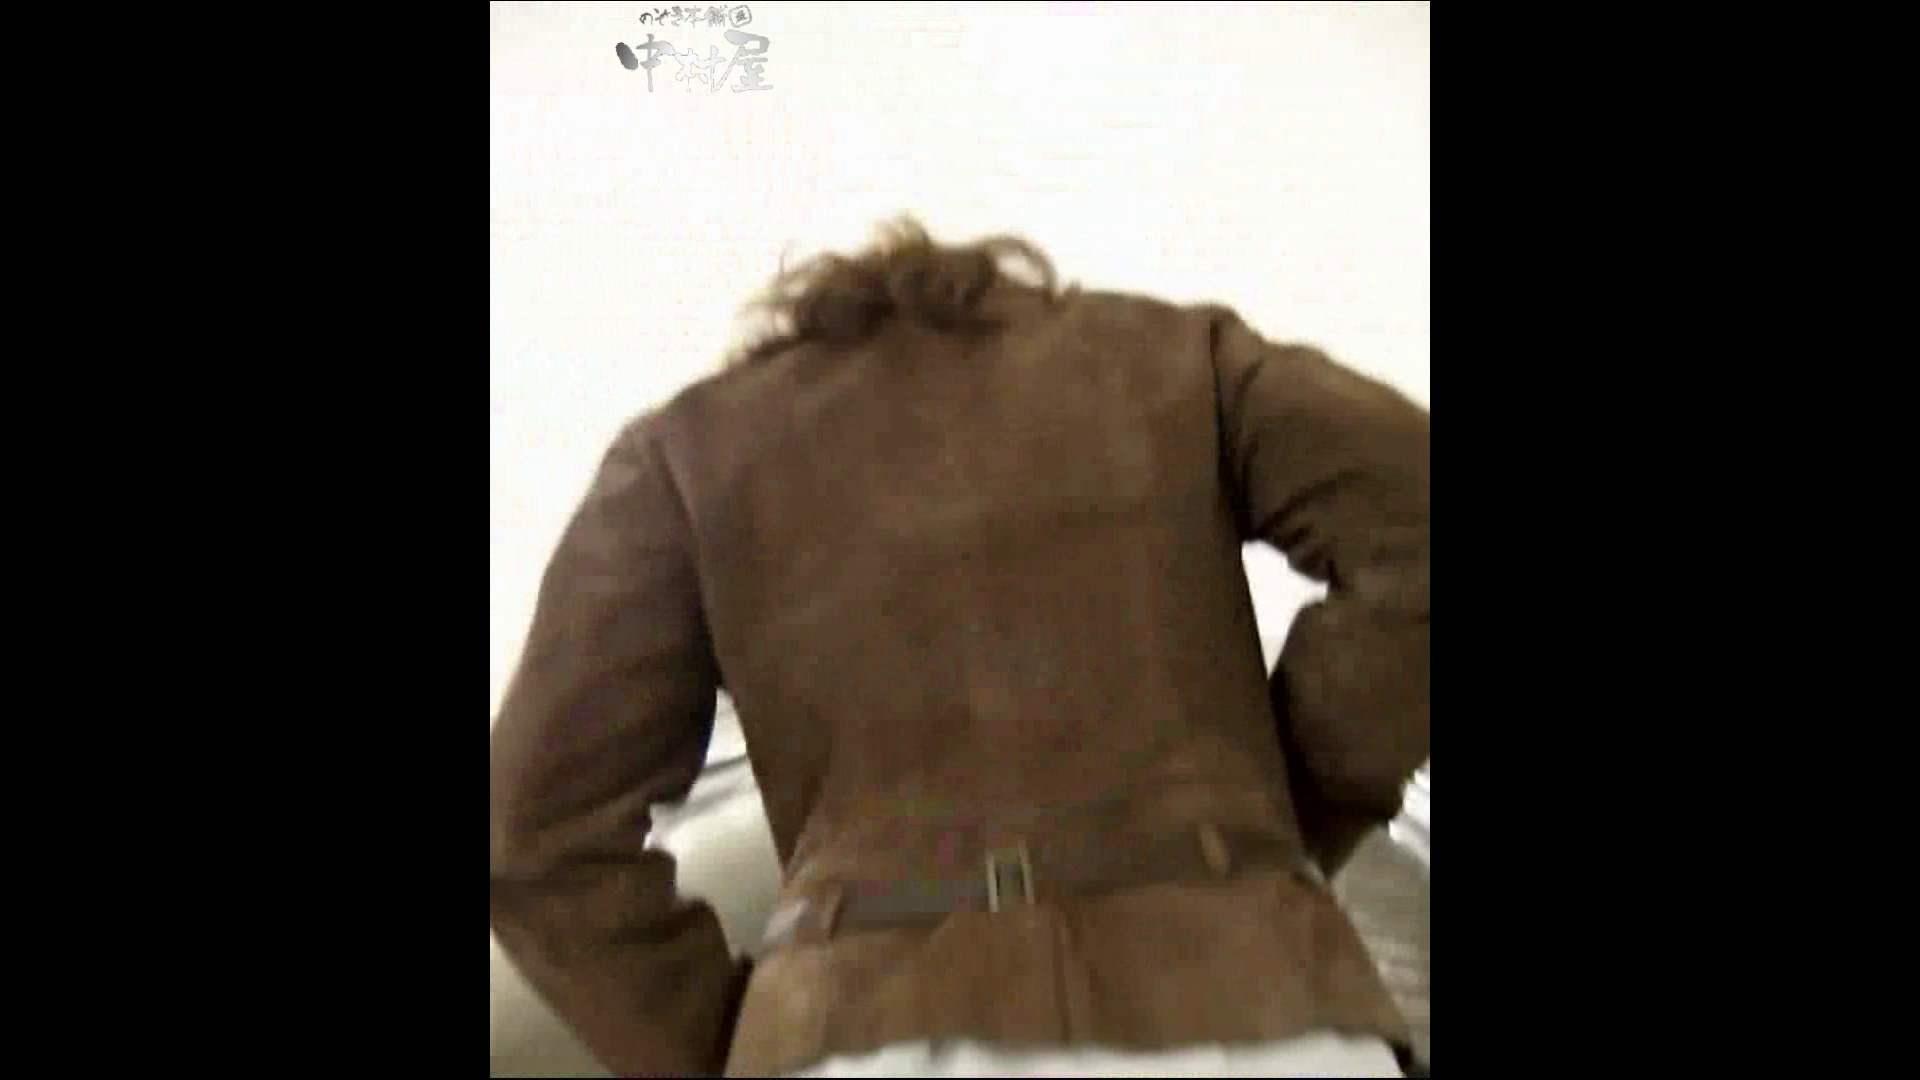 綺麗なモデルさんのスカート捲っちゃおう‼ vol18 Hなお姉さん おまんこ動画流出 99pic 75